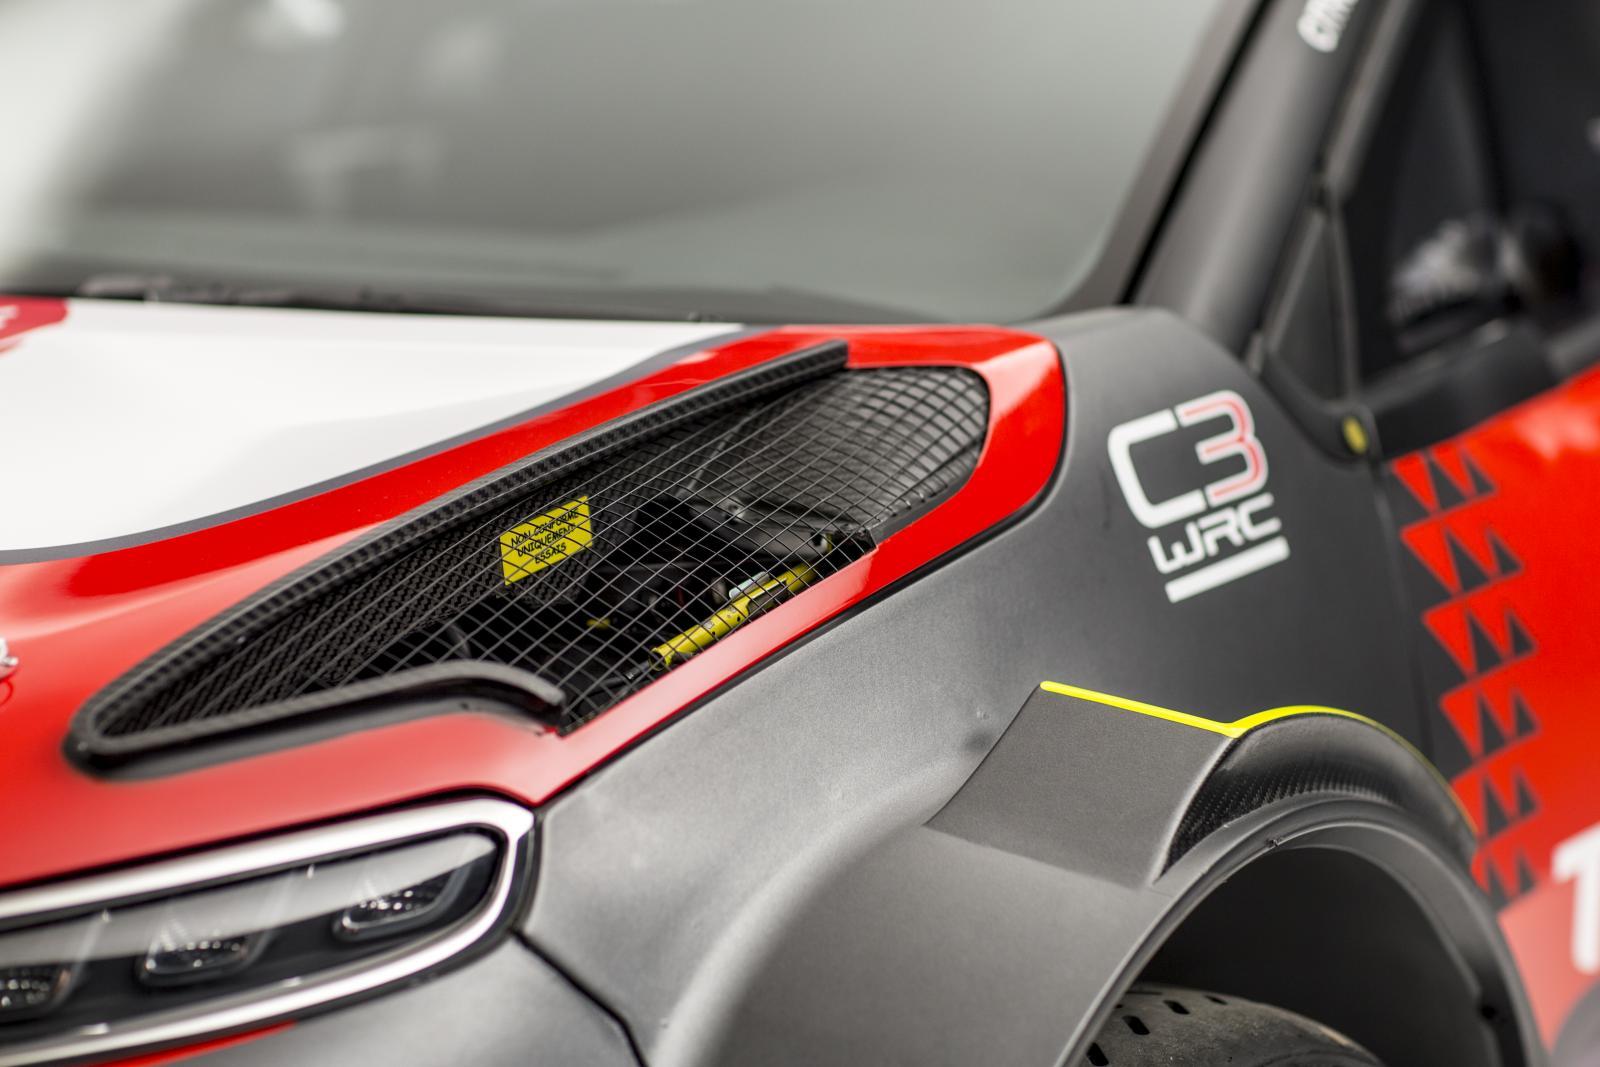 C3 WRC. Аэродинамическое устройство